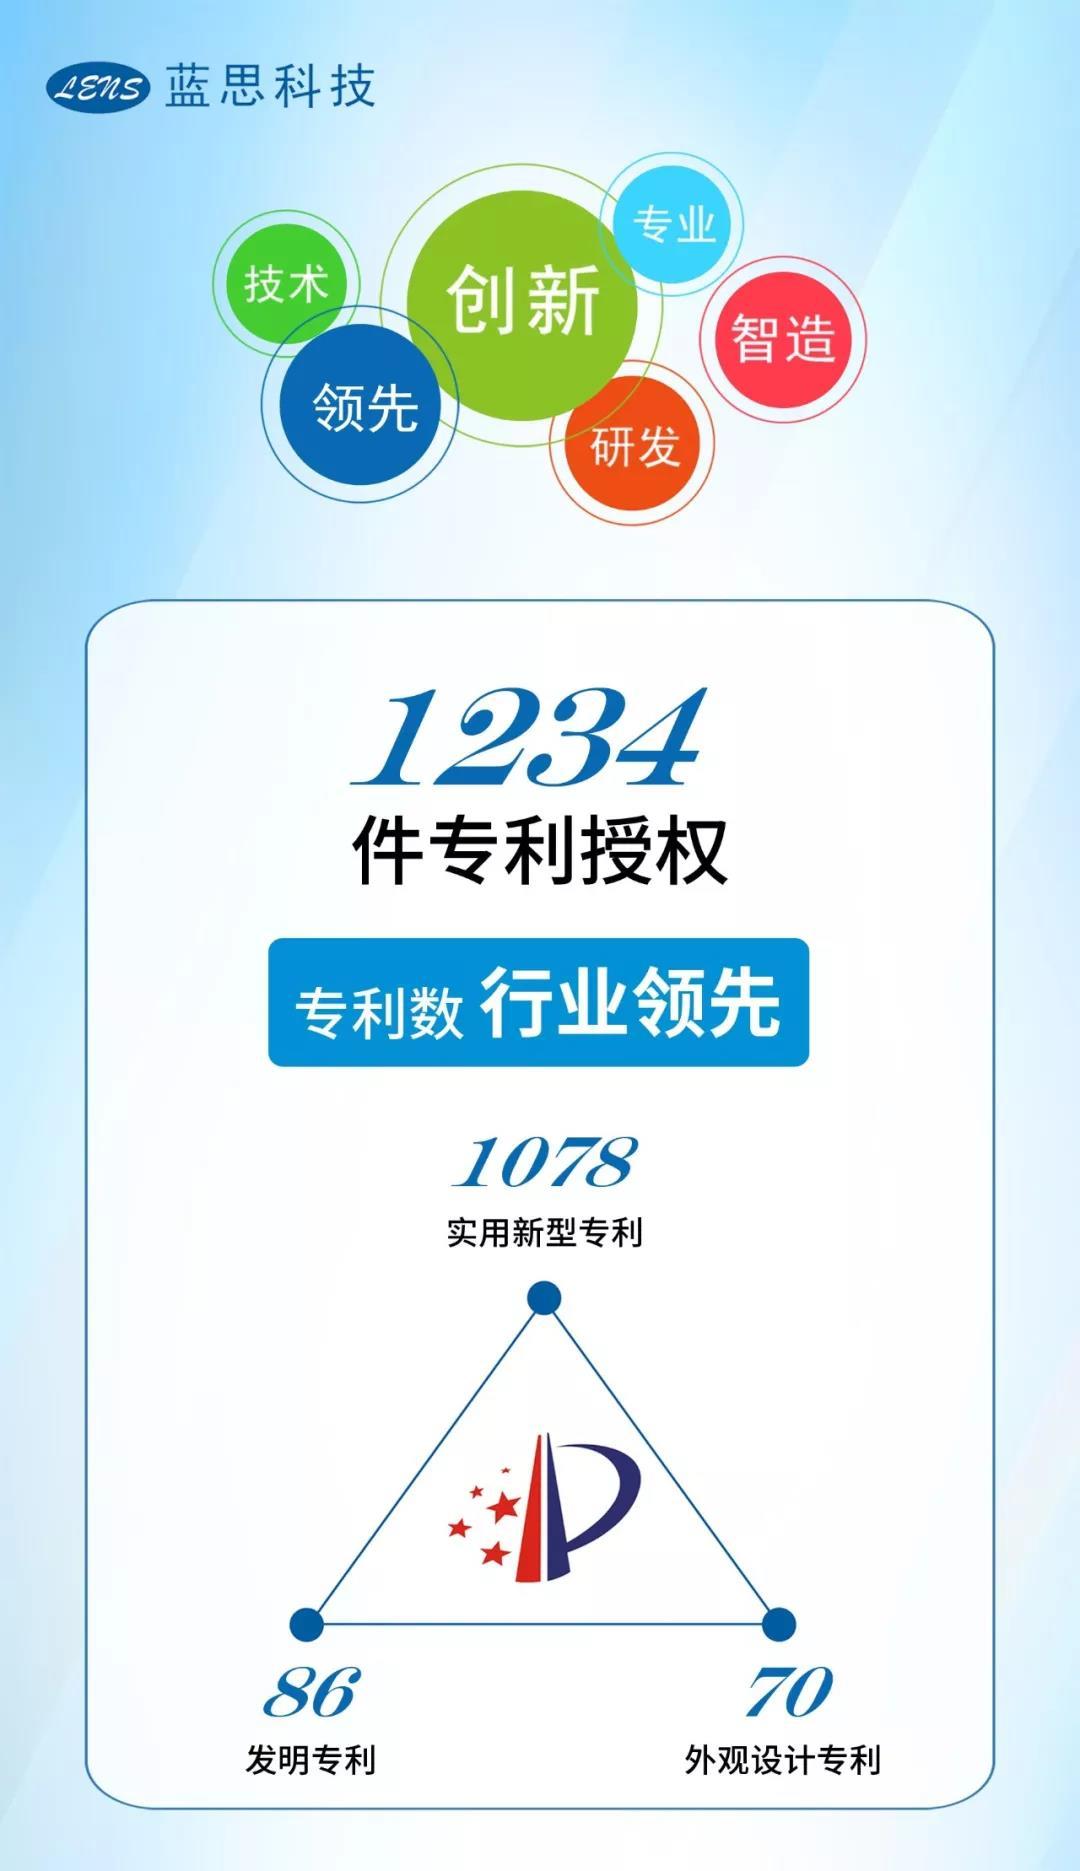 蓝思科技连续7年入围中国民营企业500强 排名再创新高